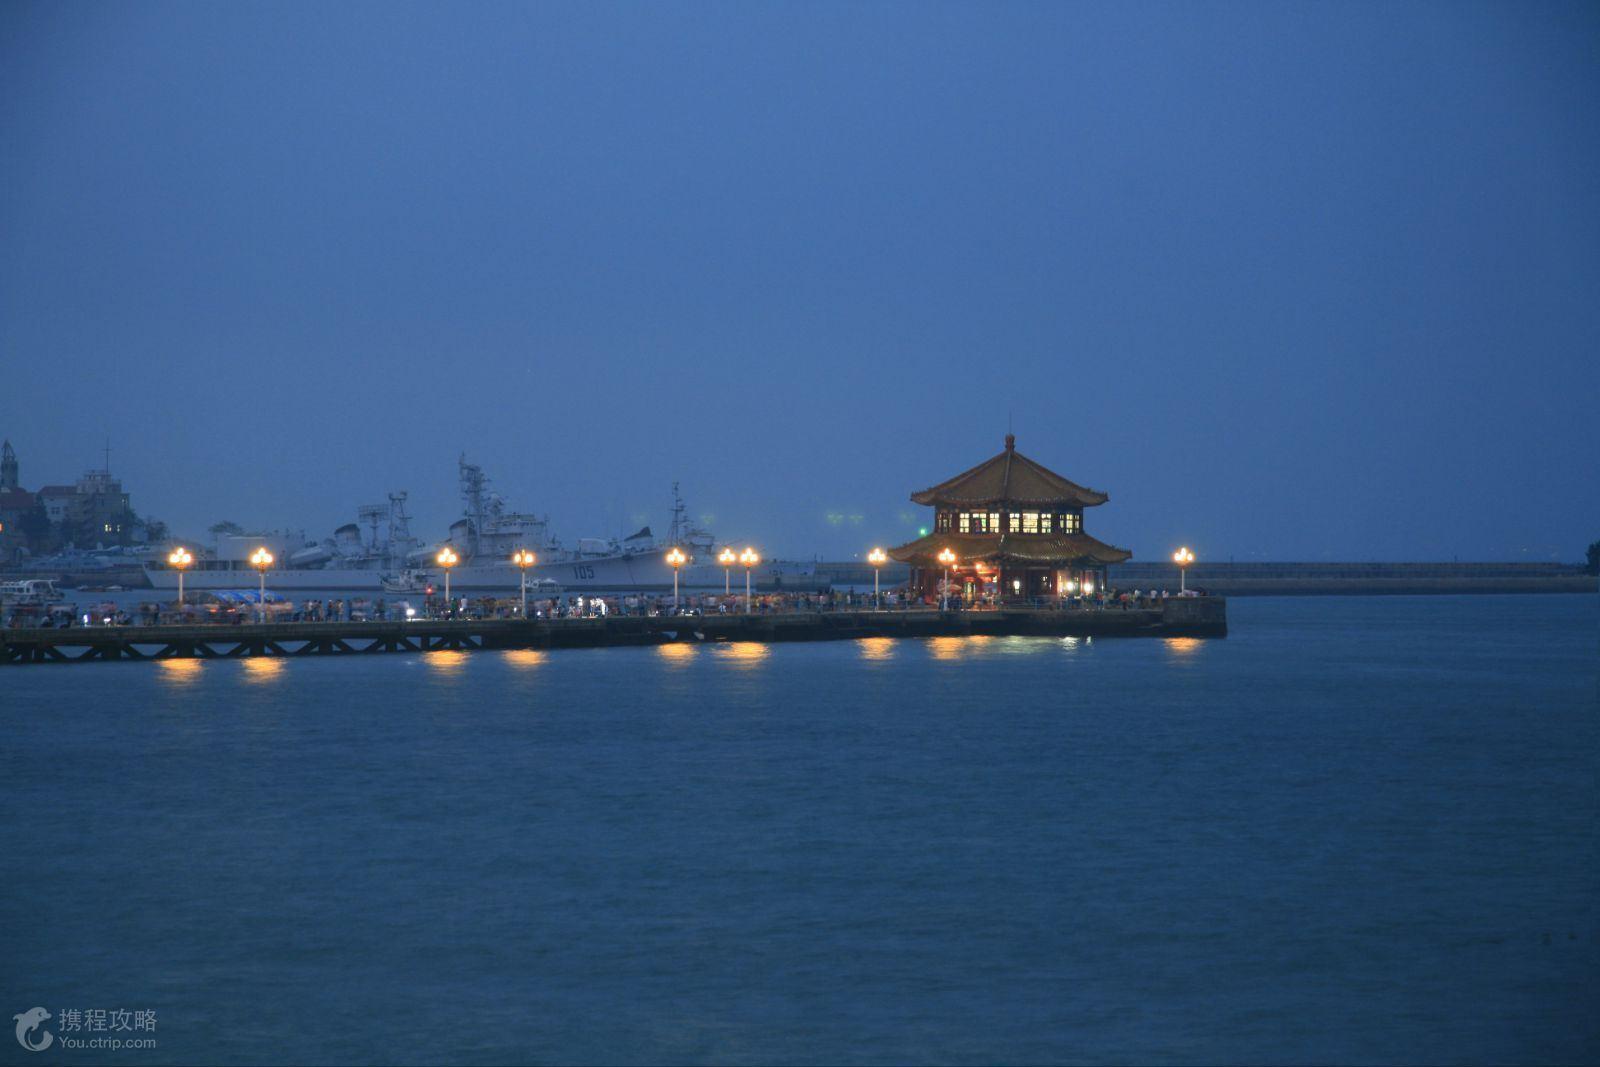 赠送价值160元景区门票:青岛啤酒厂,海上云台山;免费畅饮当地青岛